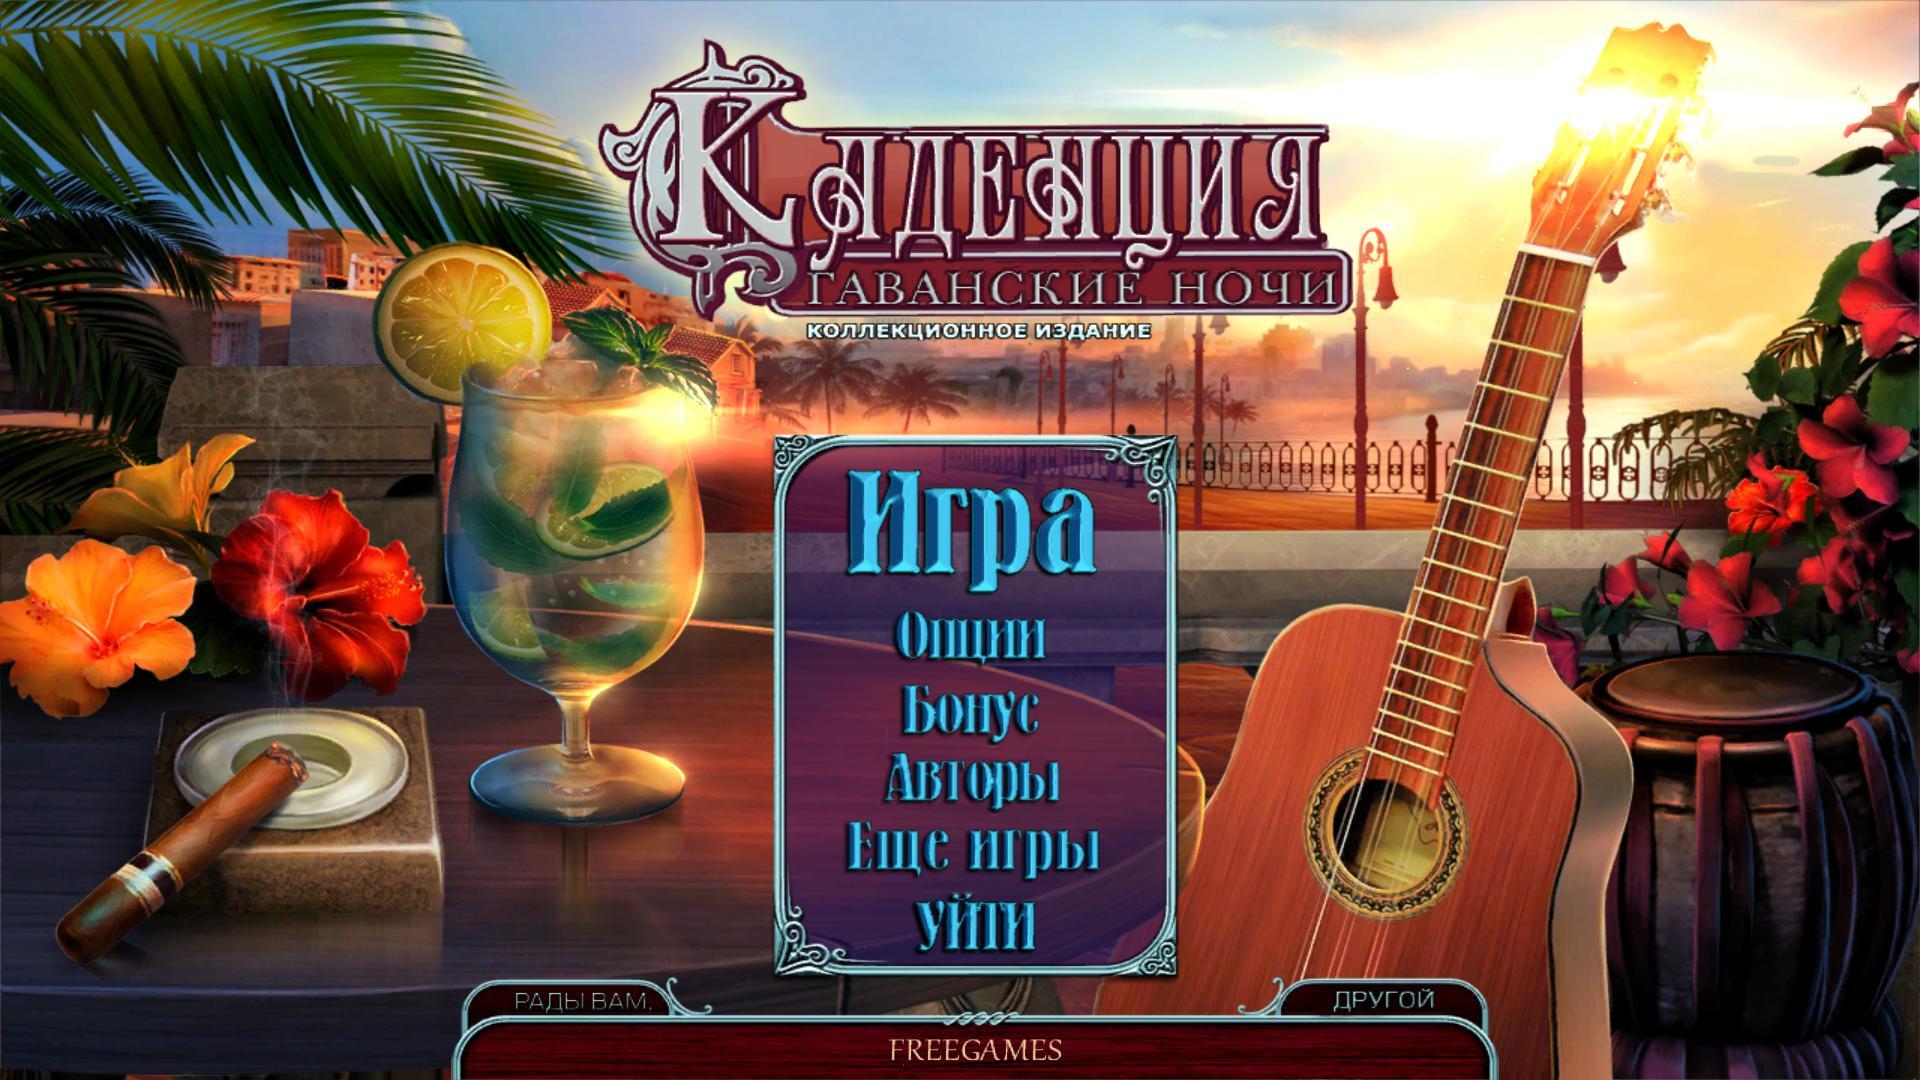 Каденция 3: Гаванские ночи. Коллекционное издание | Cadenza 3: Havana Nights CE (Rus)